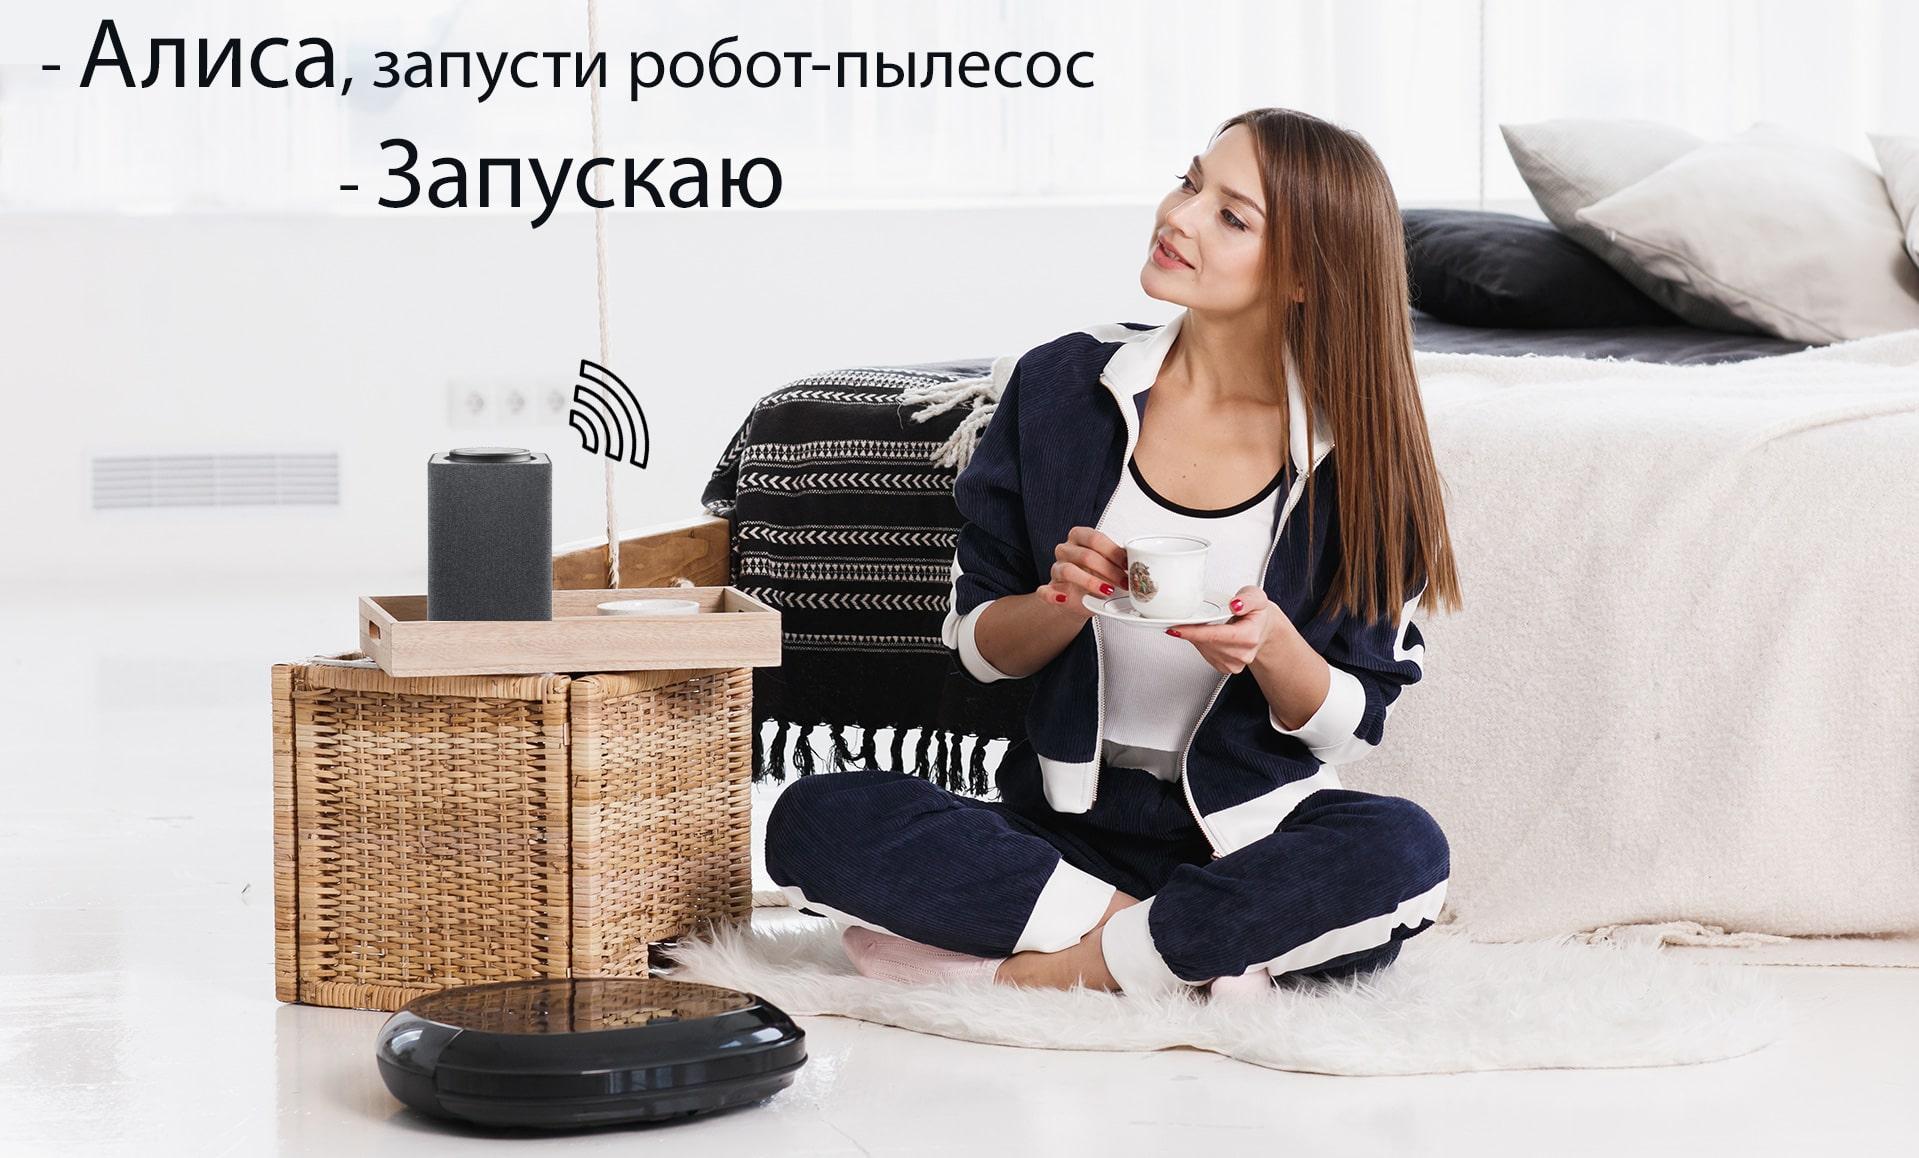 Интеграция с Яндекс.Алиса